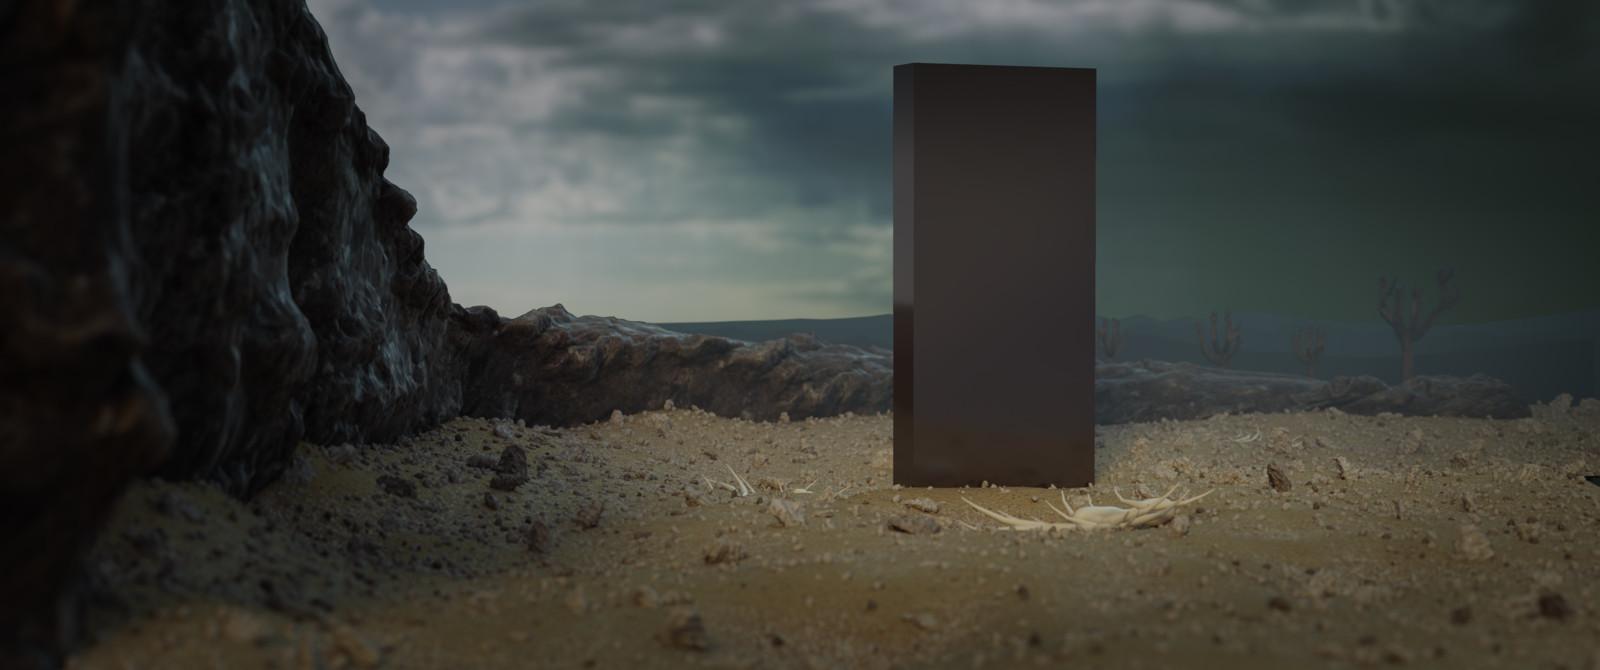 artstation monolith jonas dichelle artstation monolith jonas dichelle